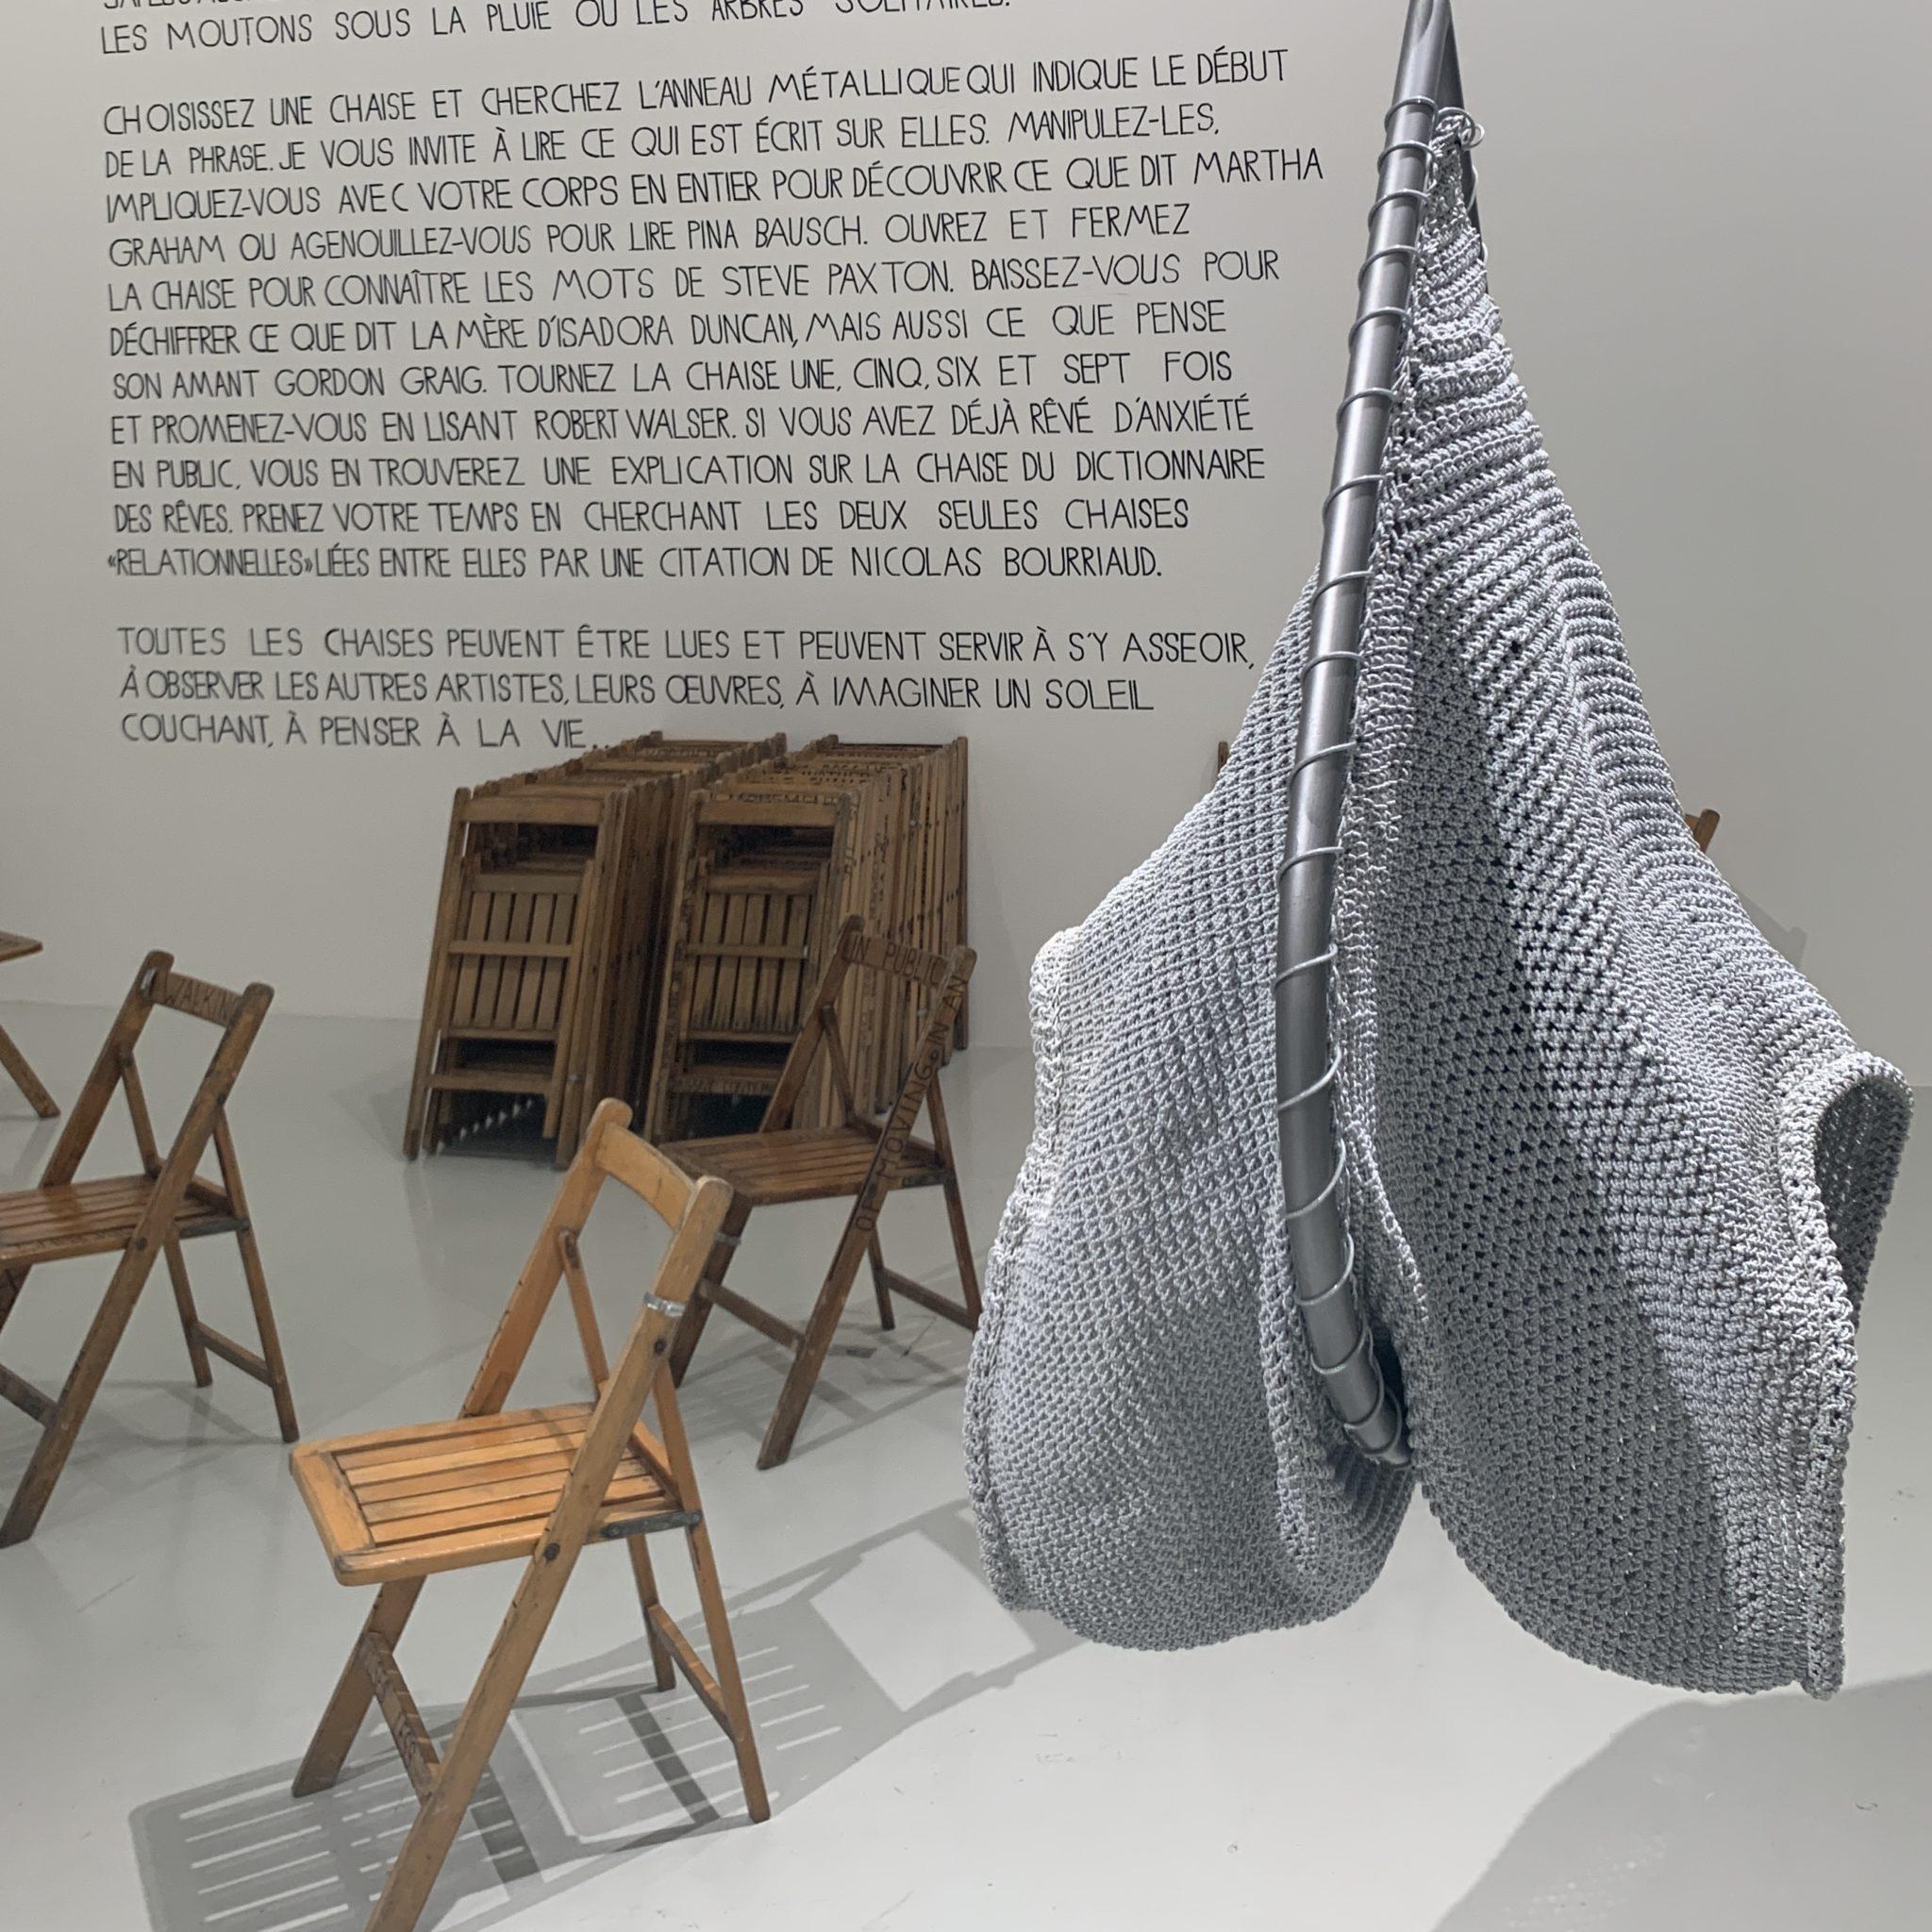 Christelle Familiari, Vue de l'exposition «Dancing Machine», Frac Besançon, courtesy artvisions2020